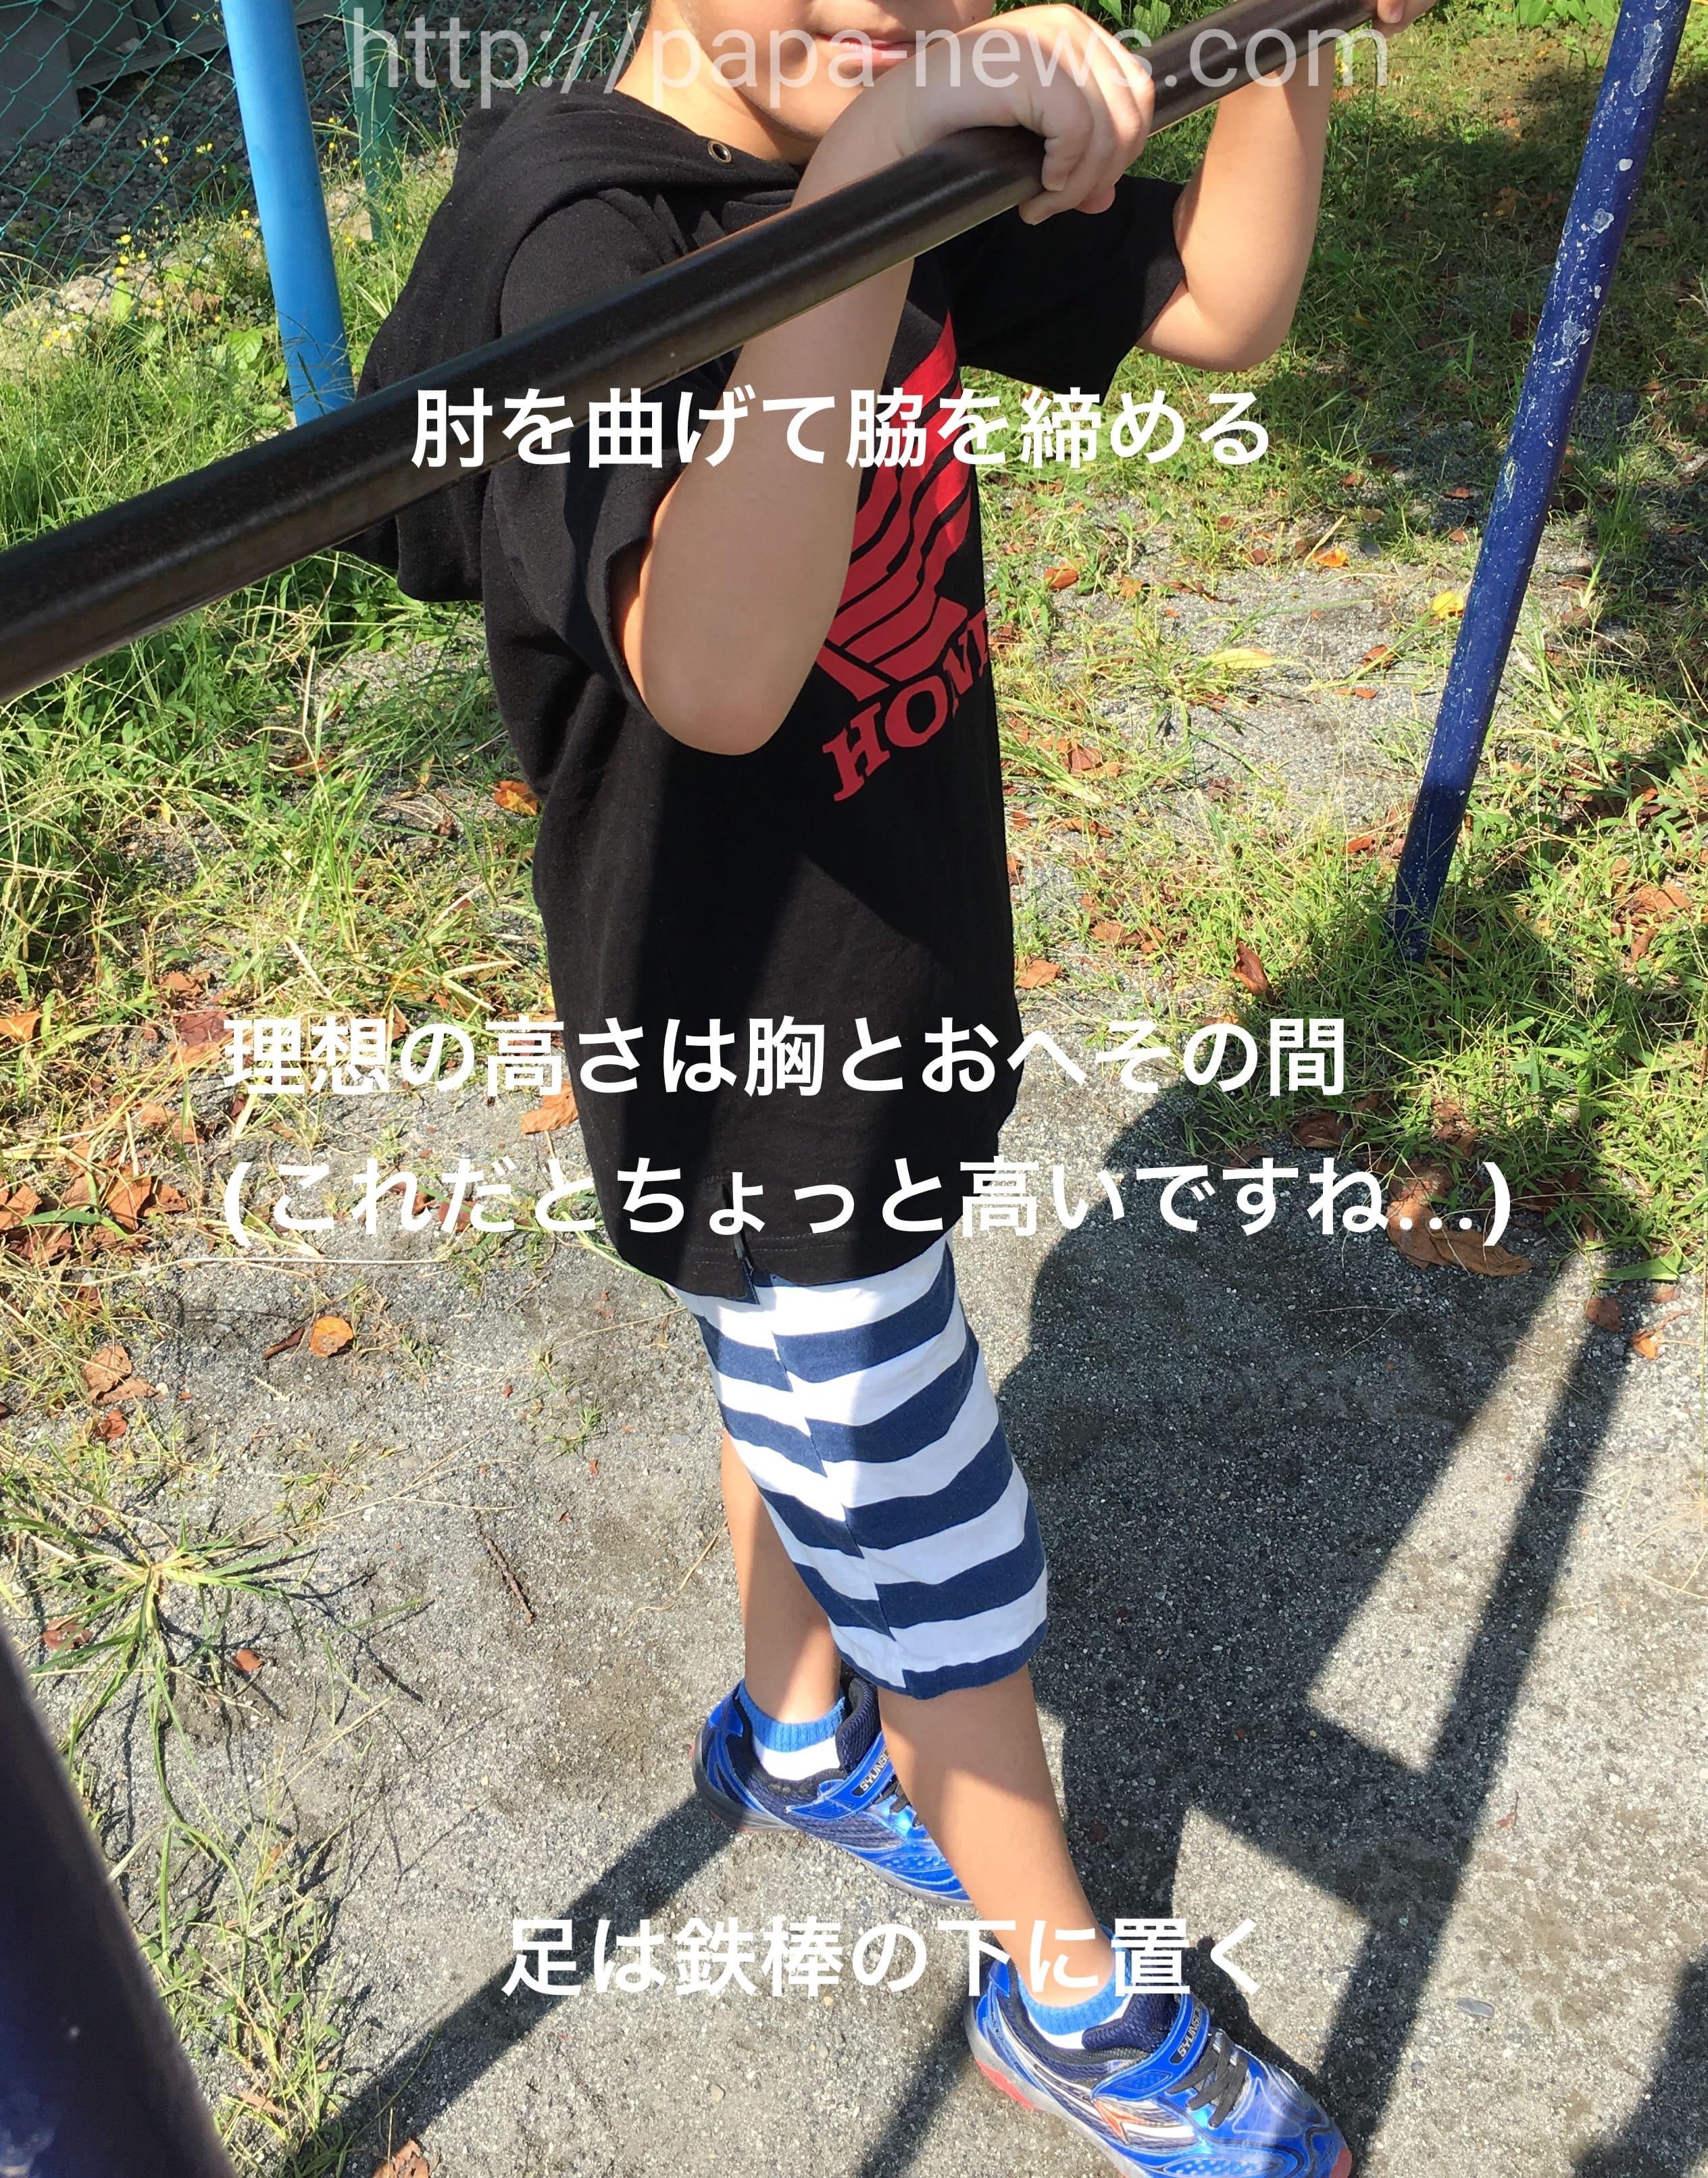 逆上がりの鉄棒の持ち方と教え方